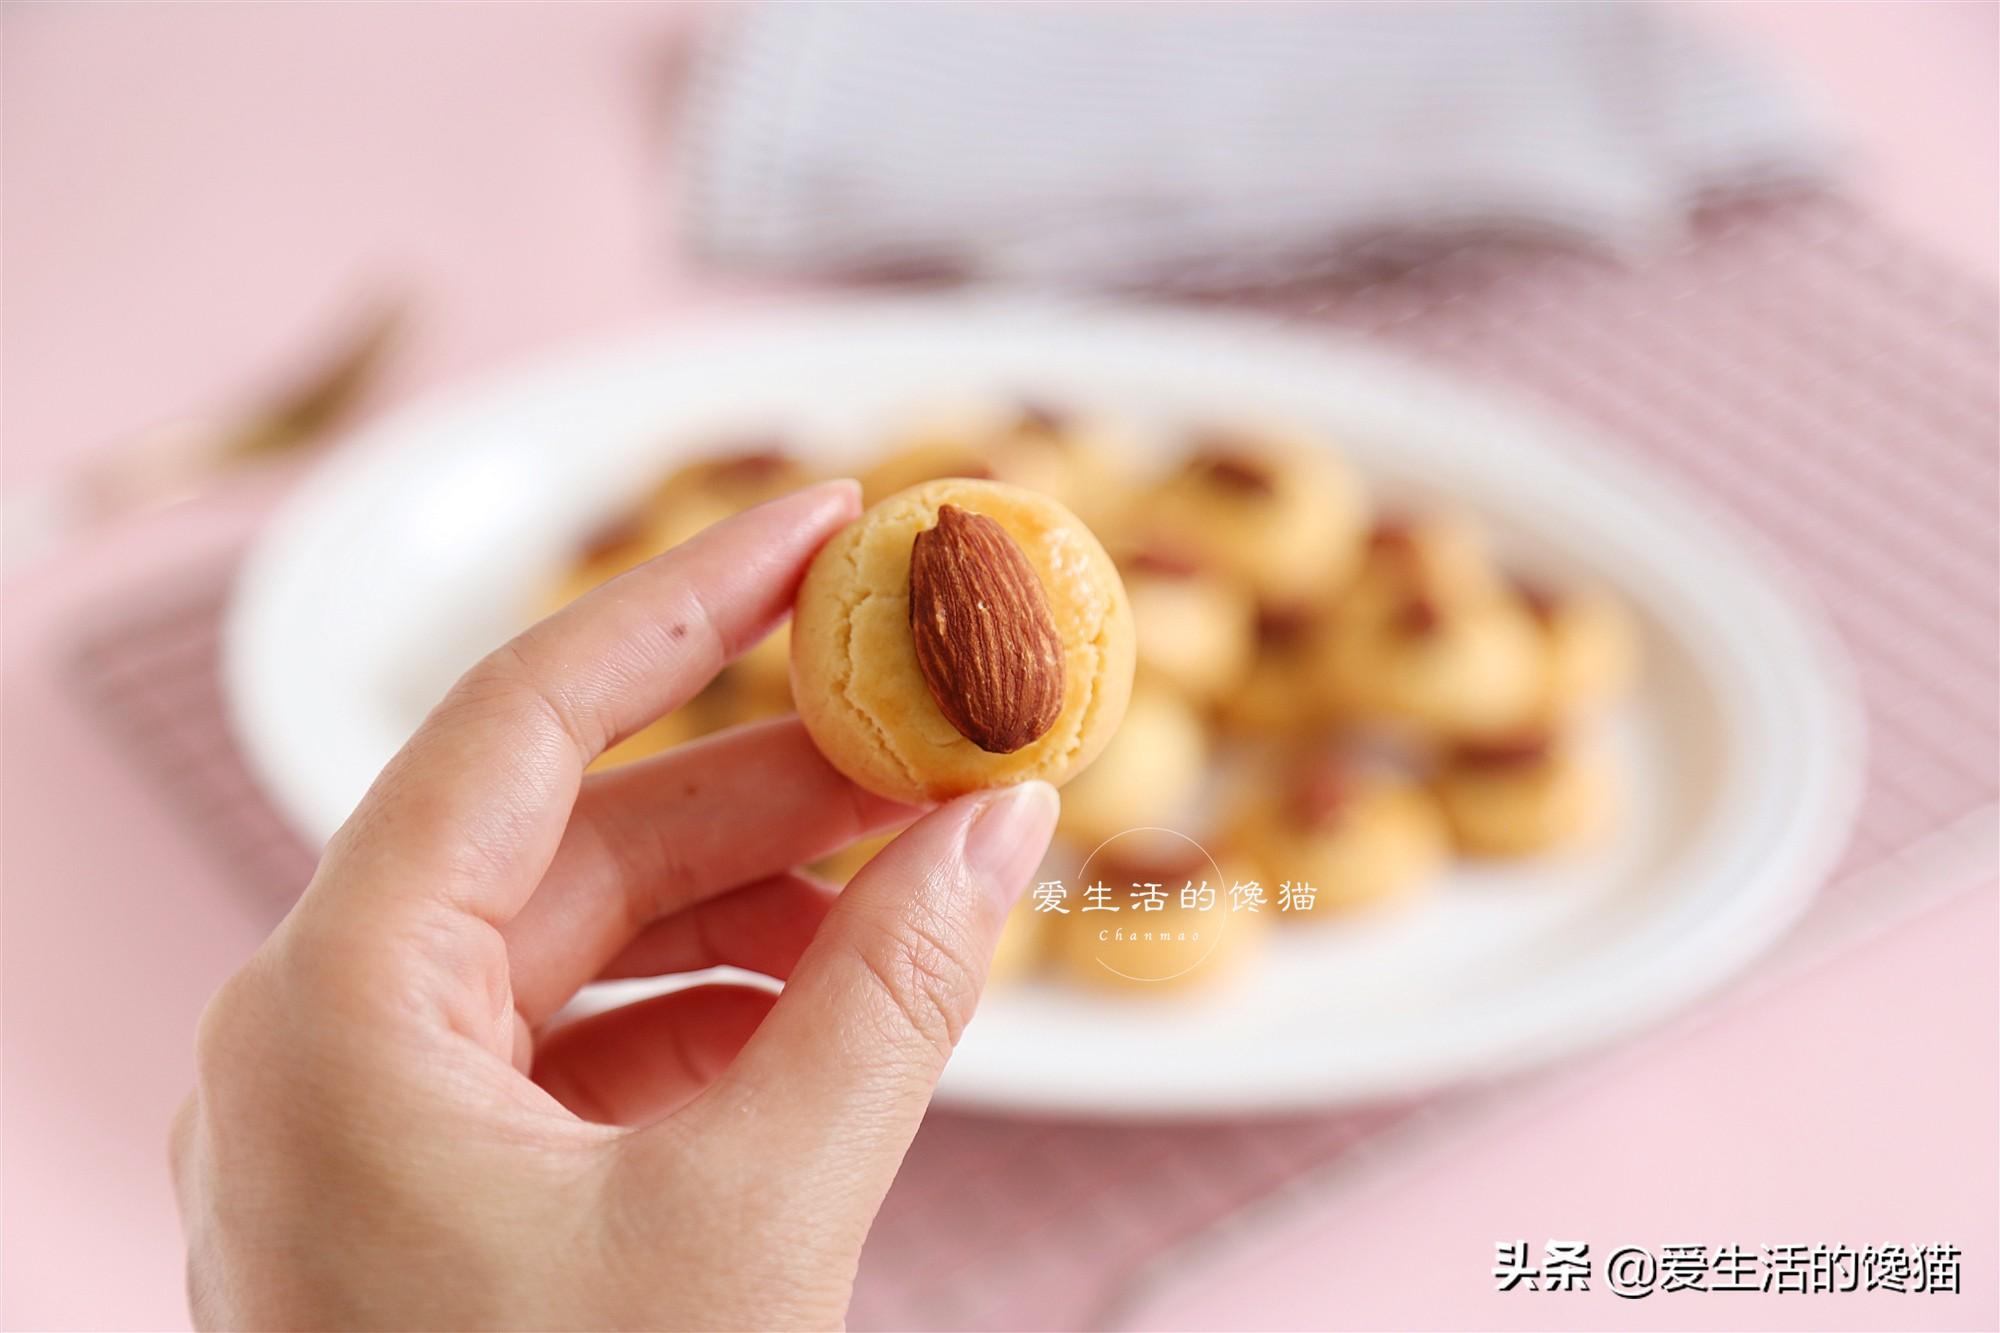 治愈系下午茶:杏仁奶酥,一口一个,香酥掉渣,吃了还想吃